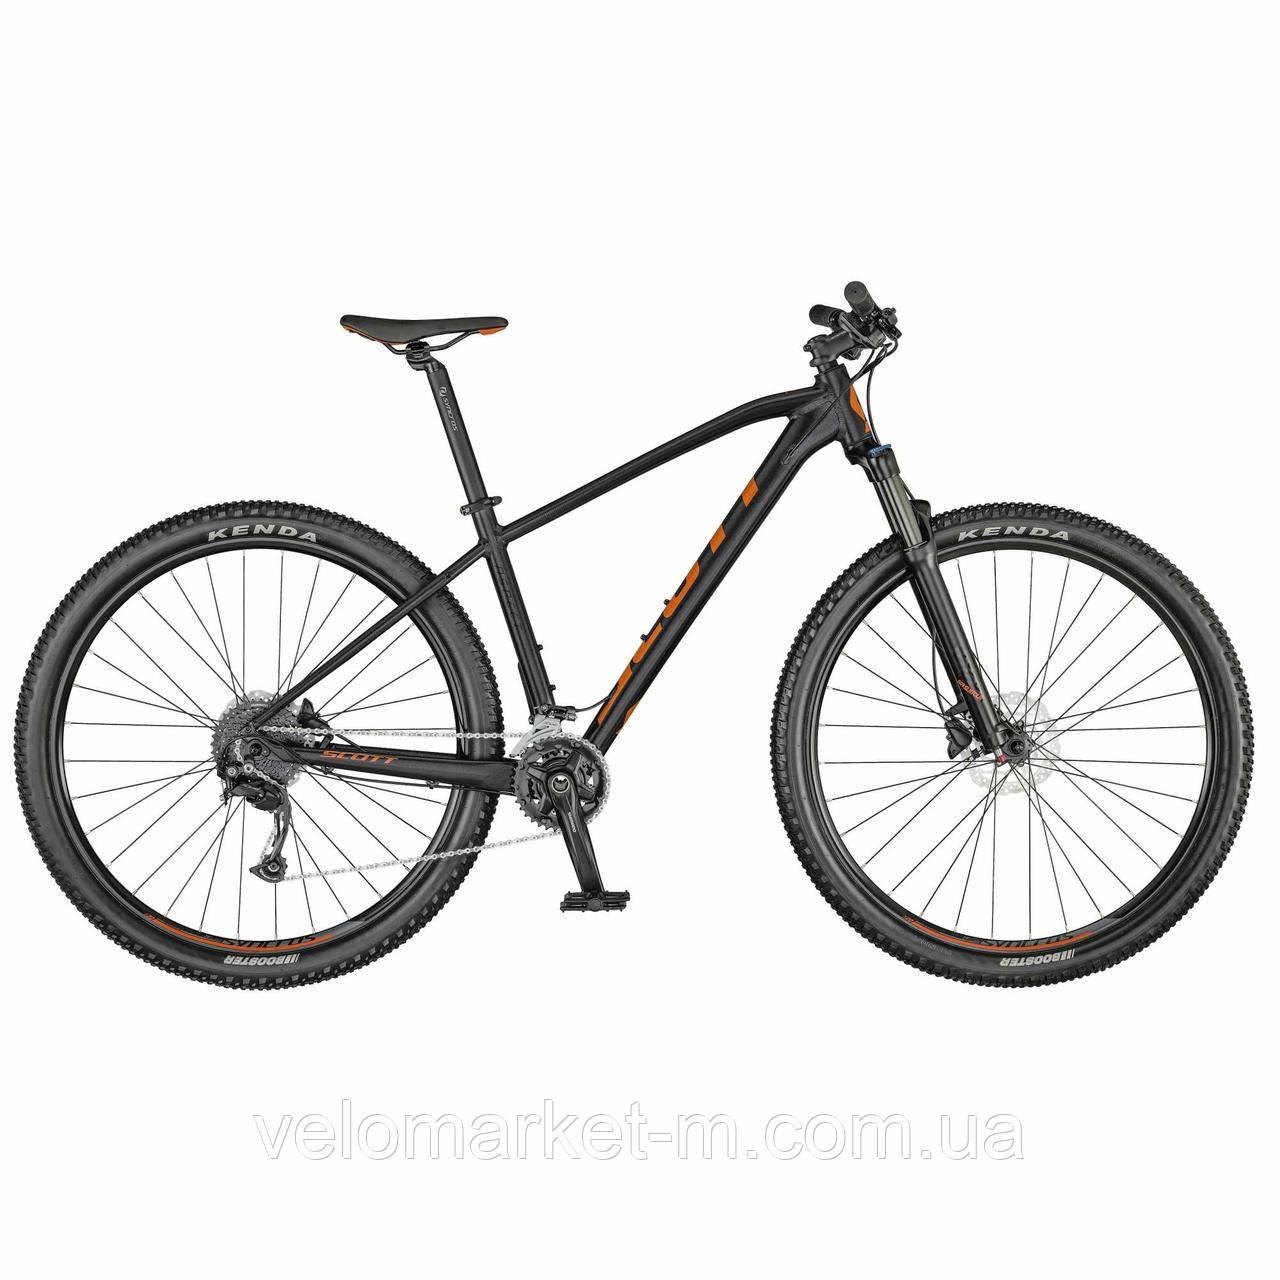 Велосипед Scott Aspect 940 L Granite 2020